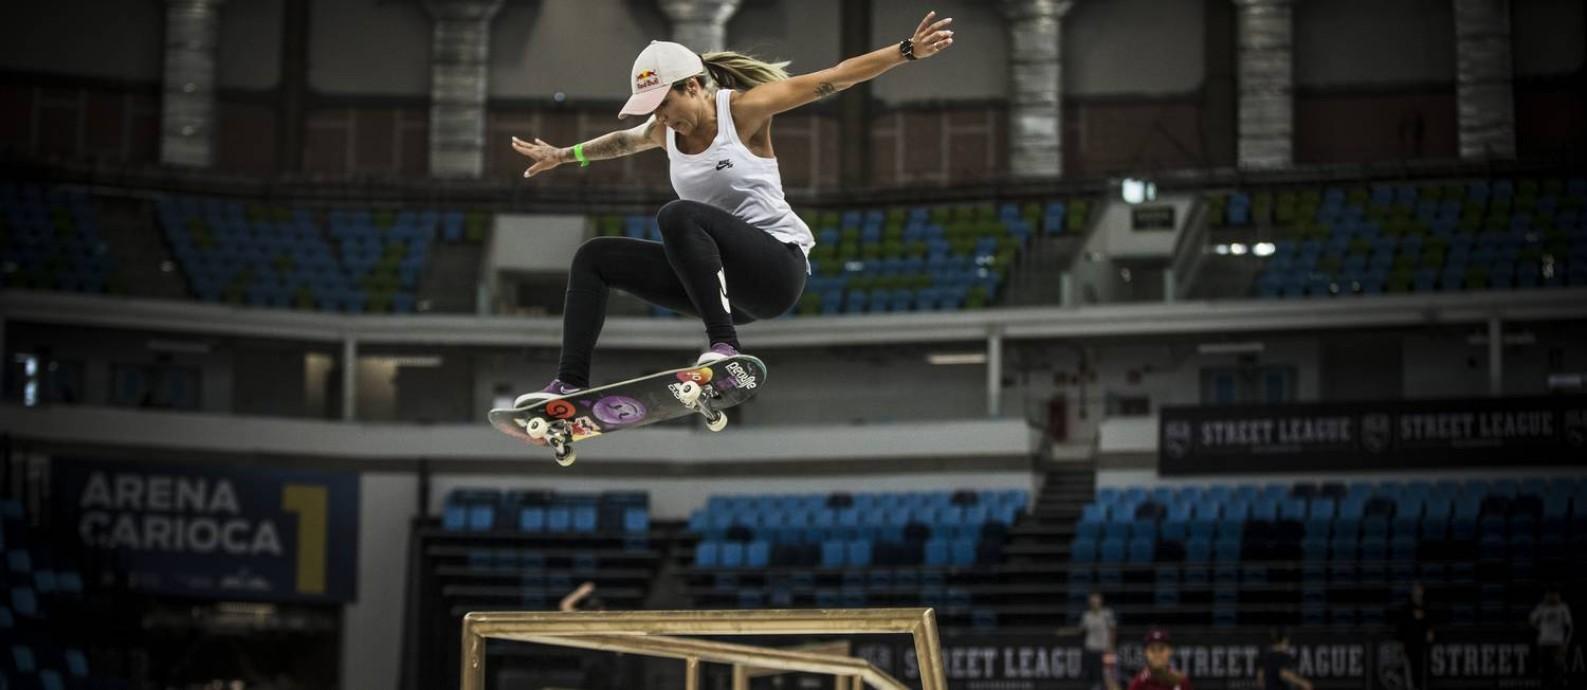 Leticia Bufoni voa durante sessão de treinos para a Street League Skateboarding, na Arena Carioca 1 Foto: Guito Moreto / Agência O Globo